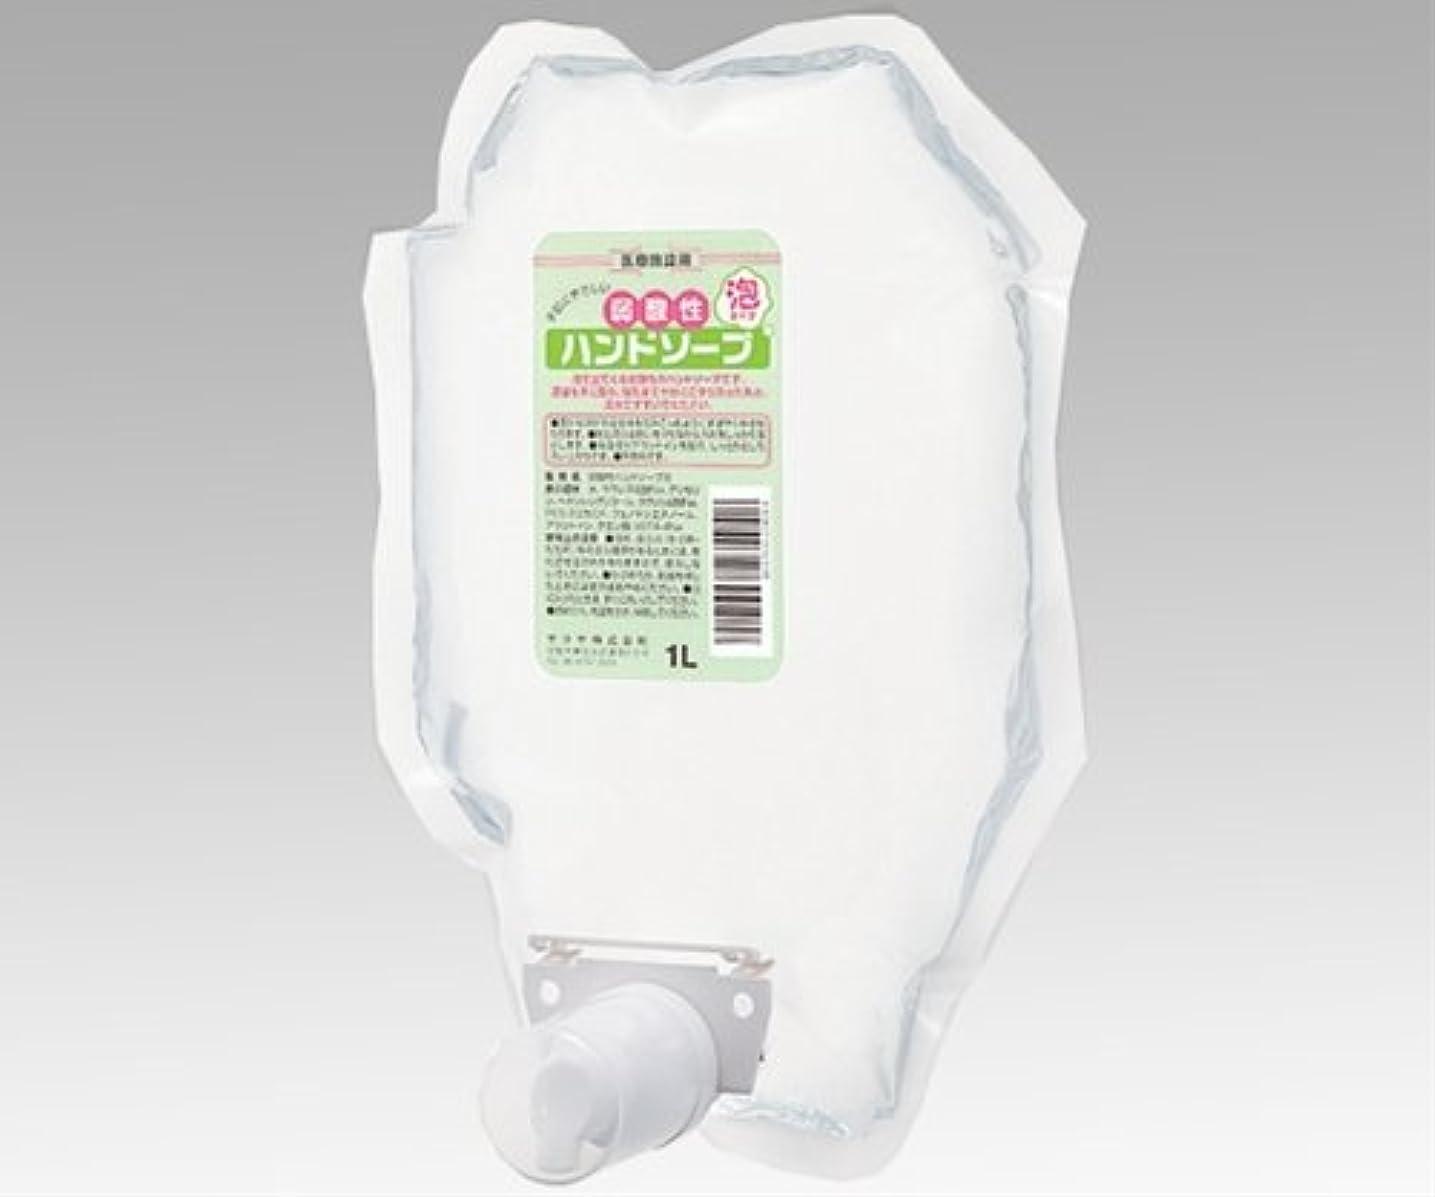 合併症ビリーヤギダルセットサラヤ 弱酸性ハンドソープ 泡タイプ / 0-8762-07